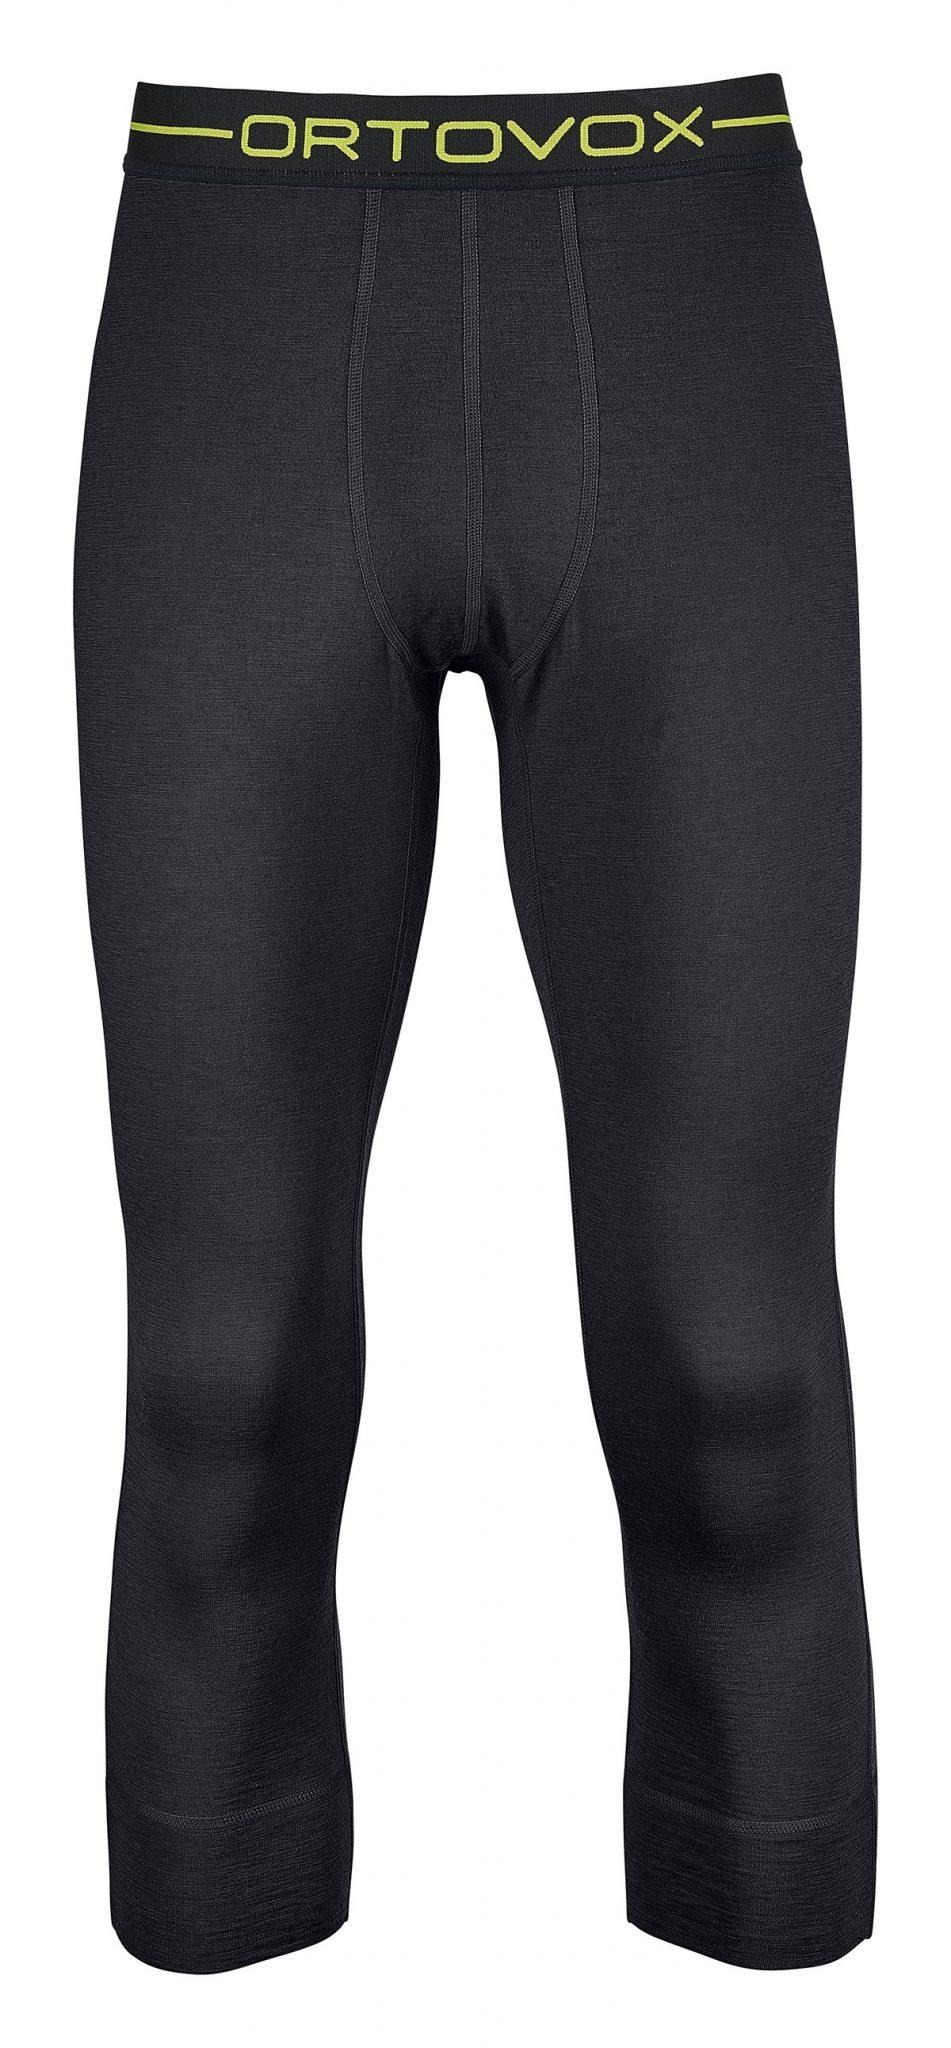 Ortovox Men's 145 Ultra Short Pants - Black Raven